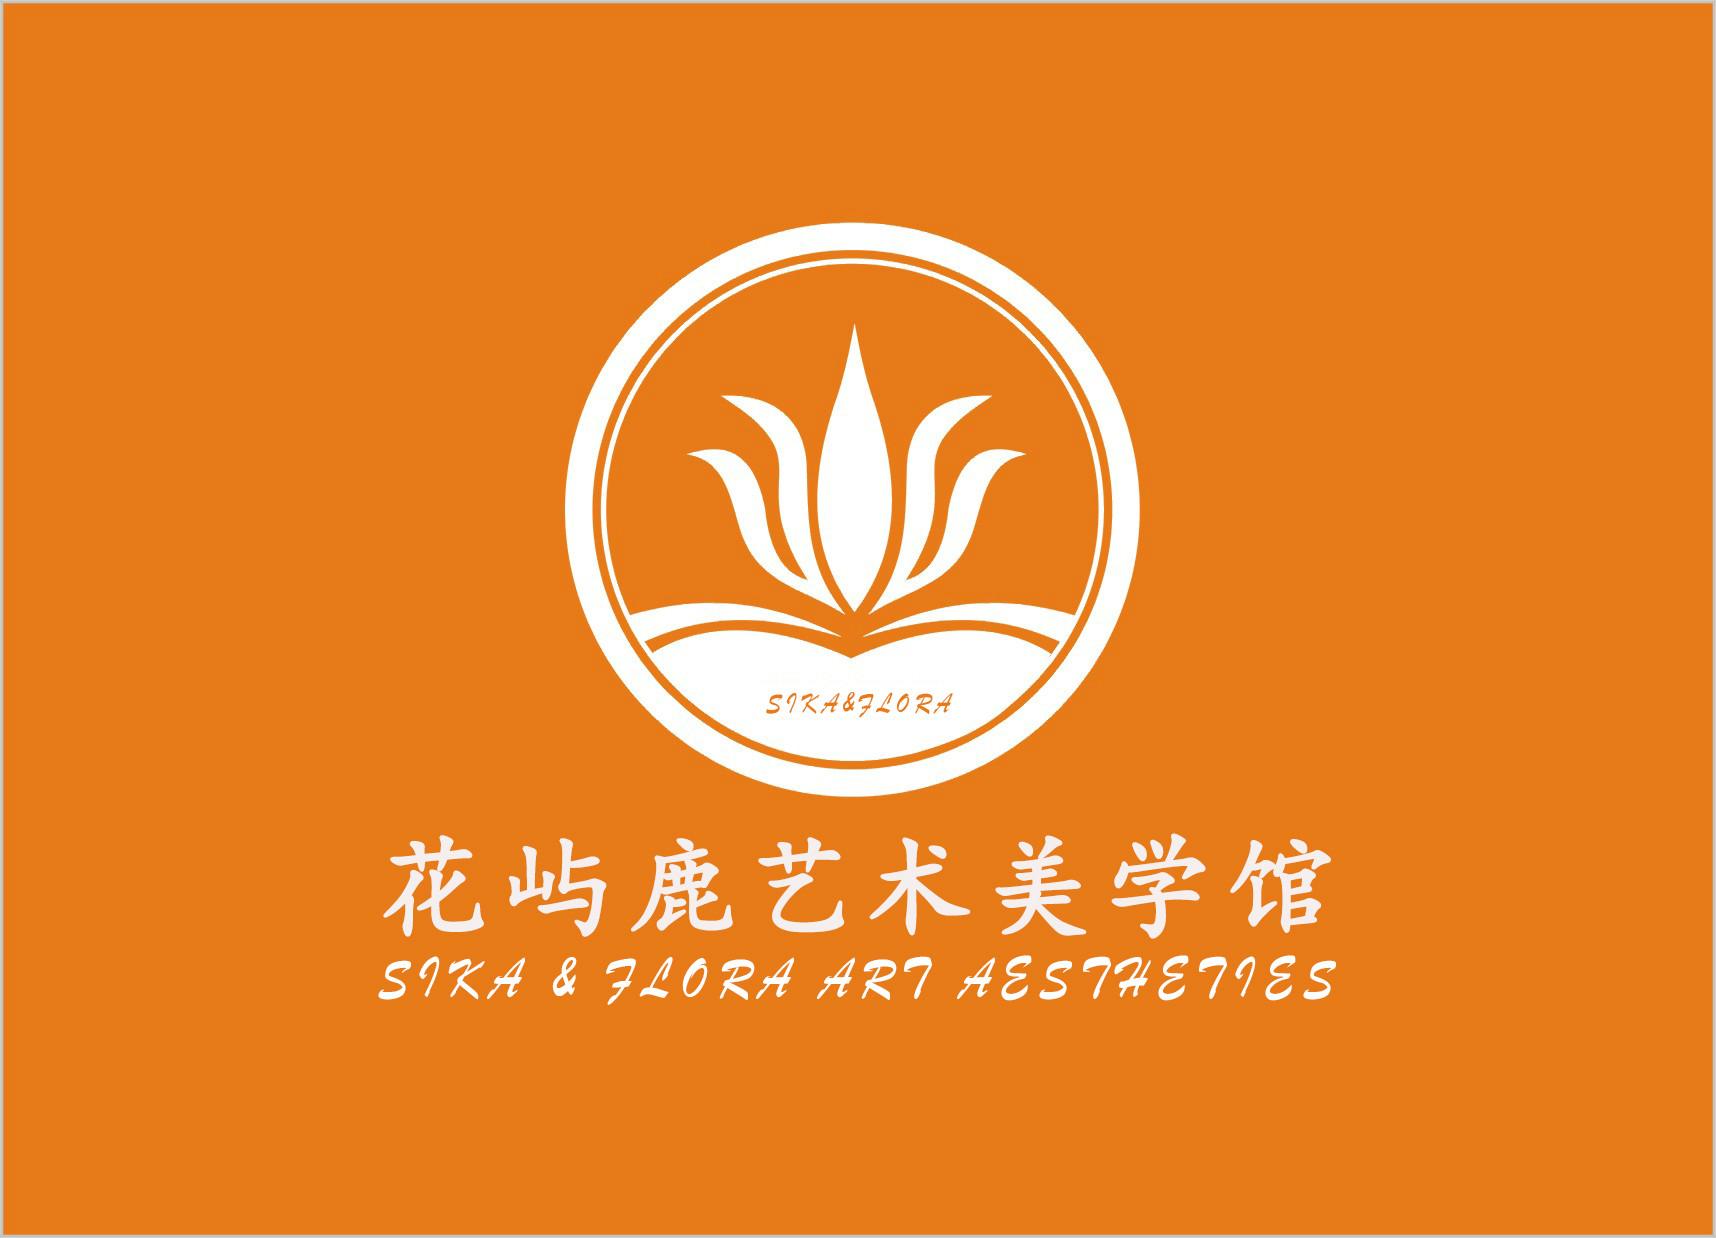 武漢花嶼鹿文化傳播有限公司